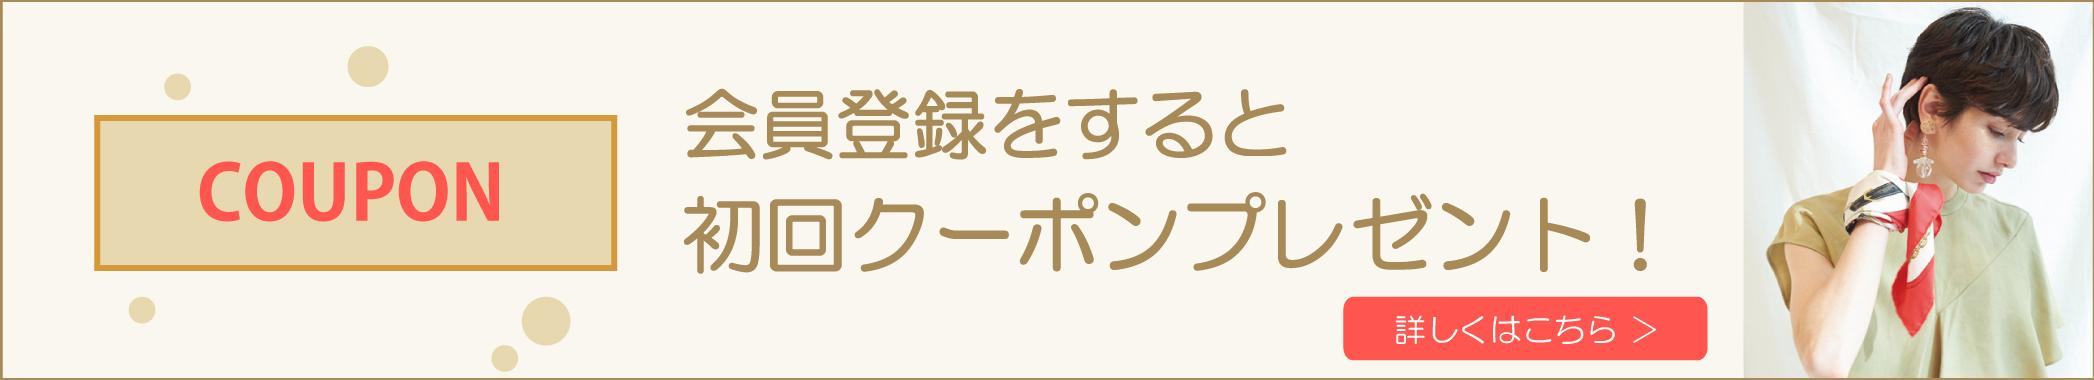 松菱百貨店のファッション通販 会員登録はこちらから